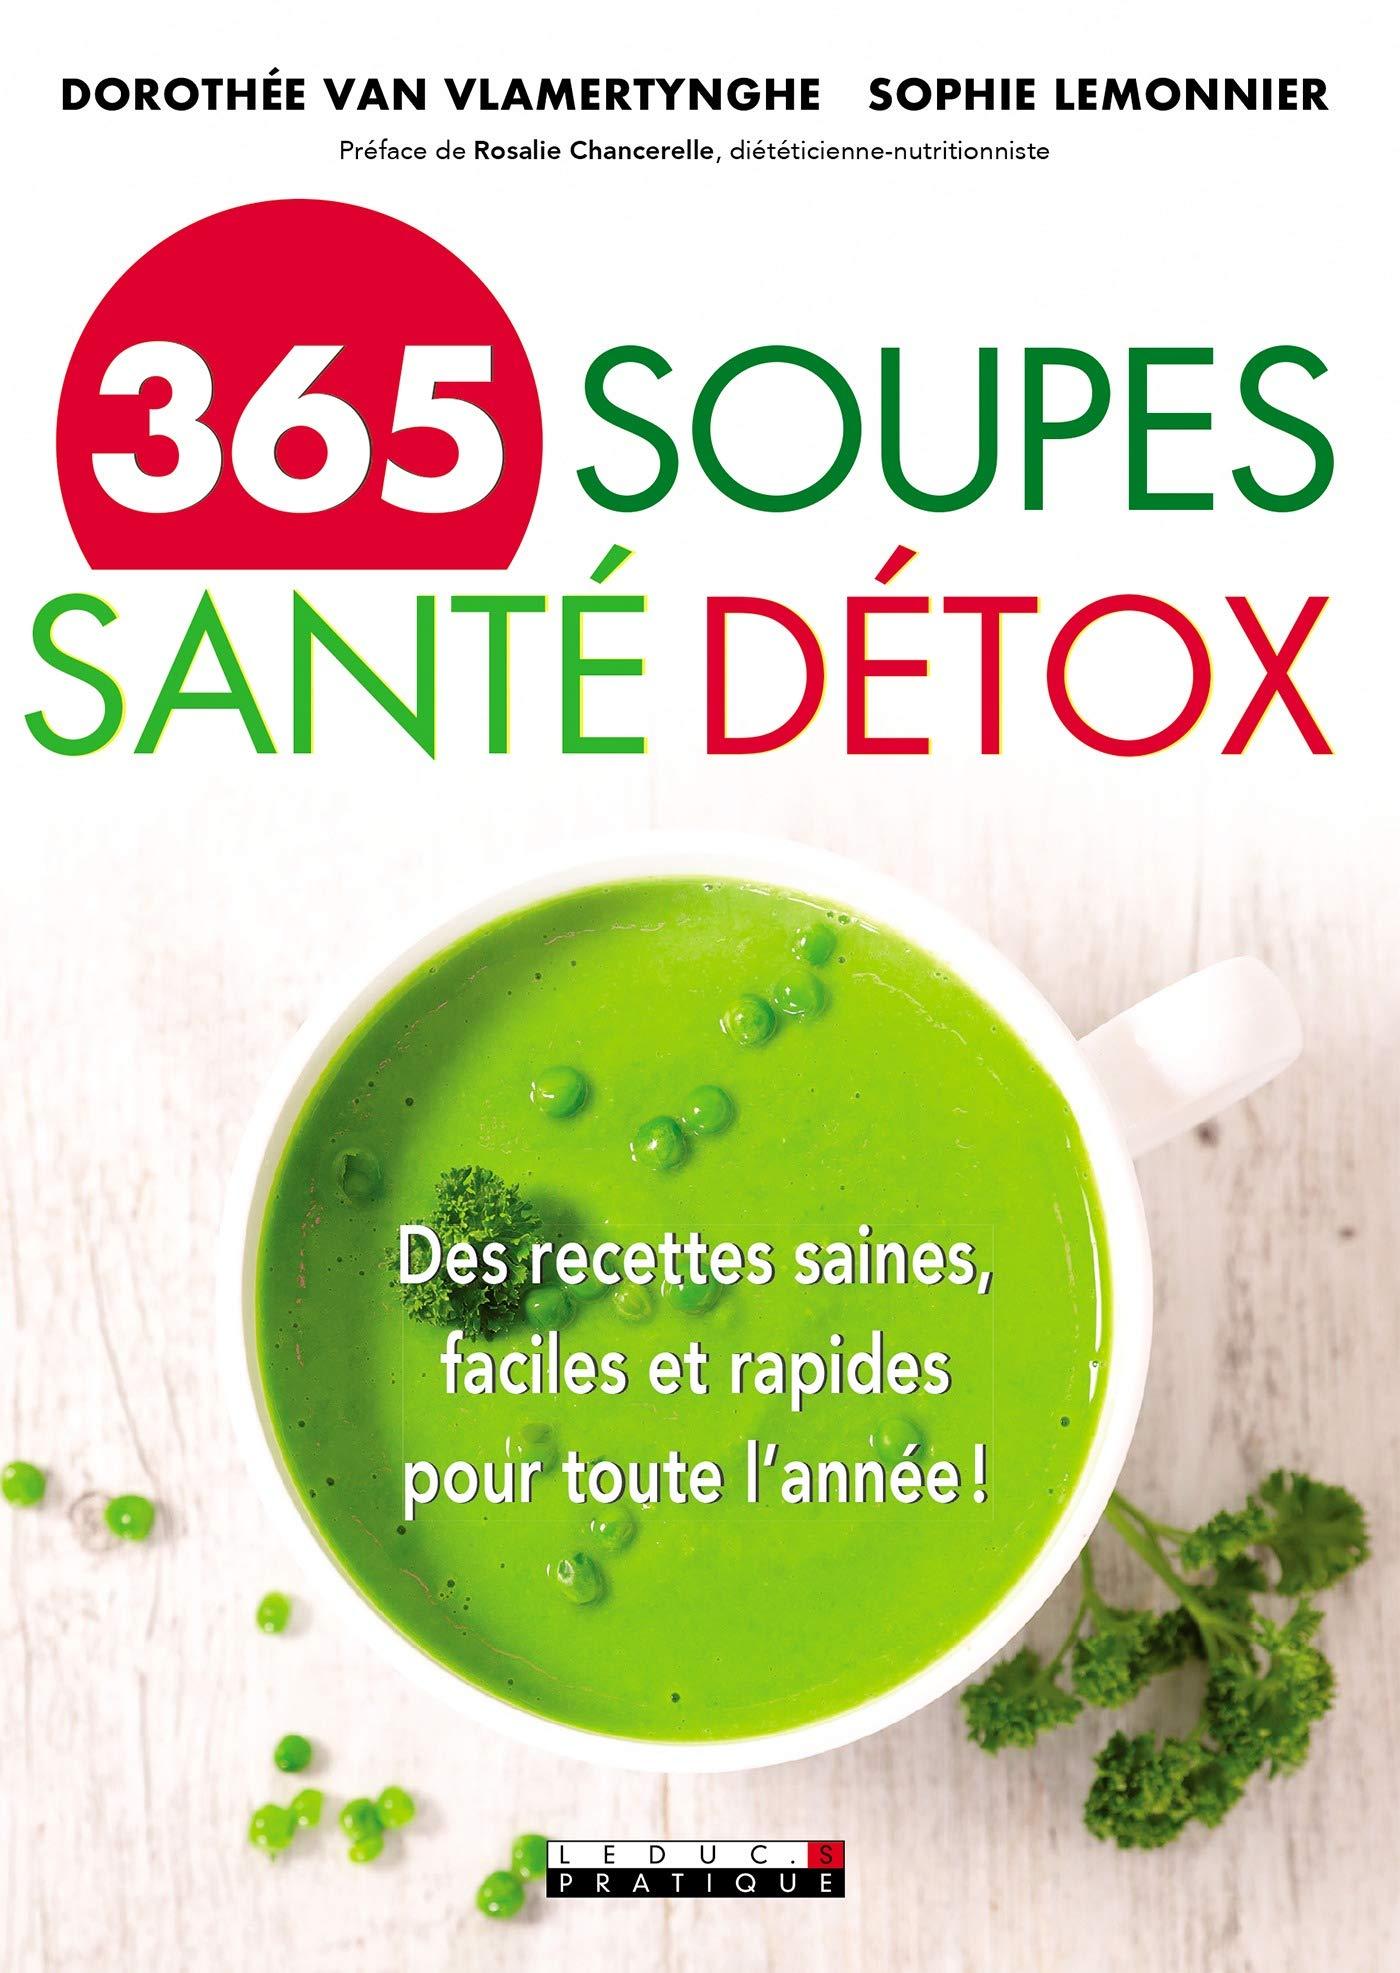 365 soupes santé détox: Des recettes saines, faciles et rapides pour toute l'année ! (SANTE/FORME) por Dorothée Van Vlamertynghe